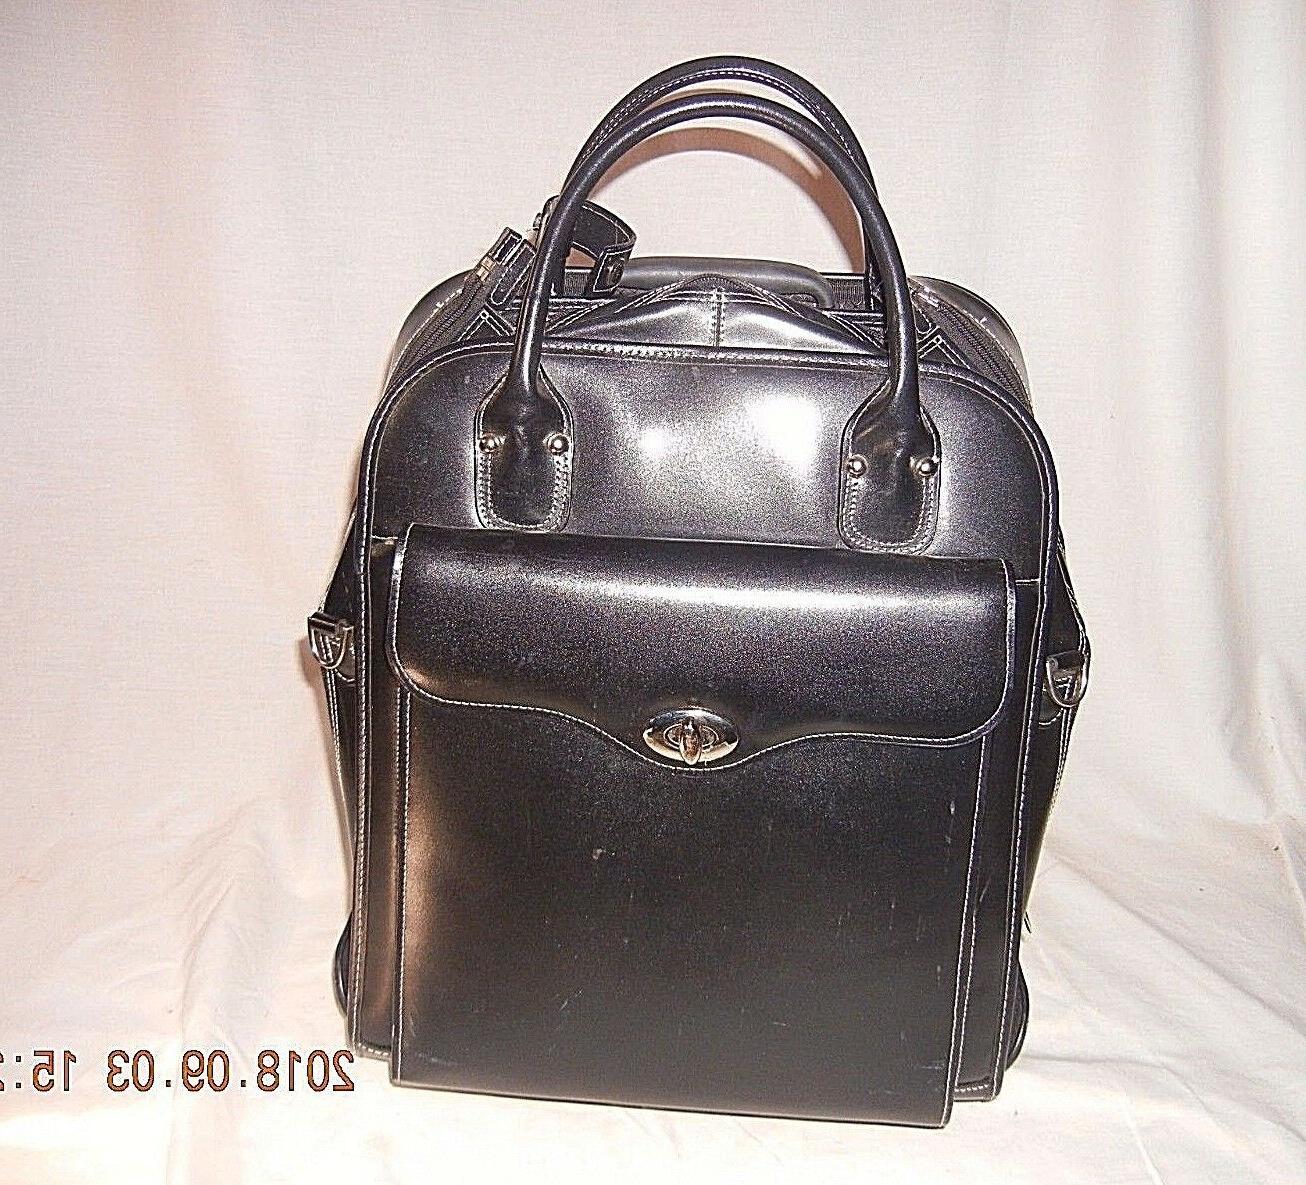 brief case luggage laptop over night mcklein